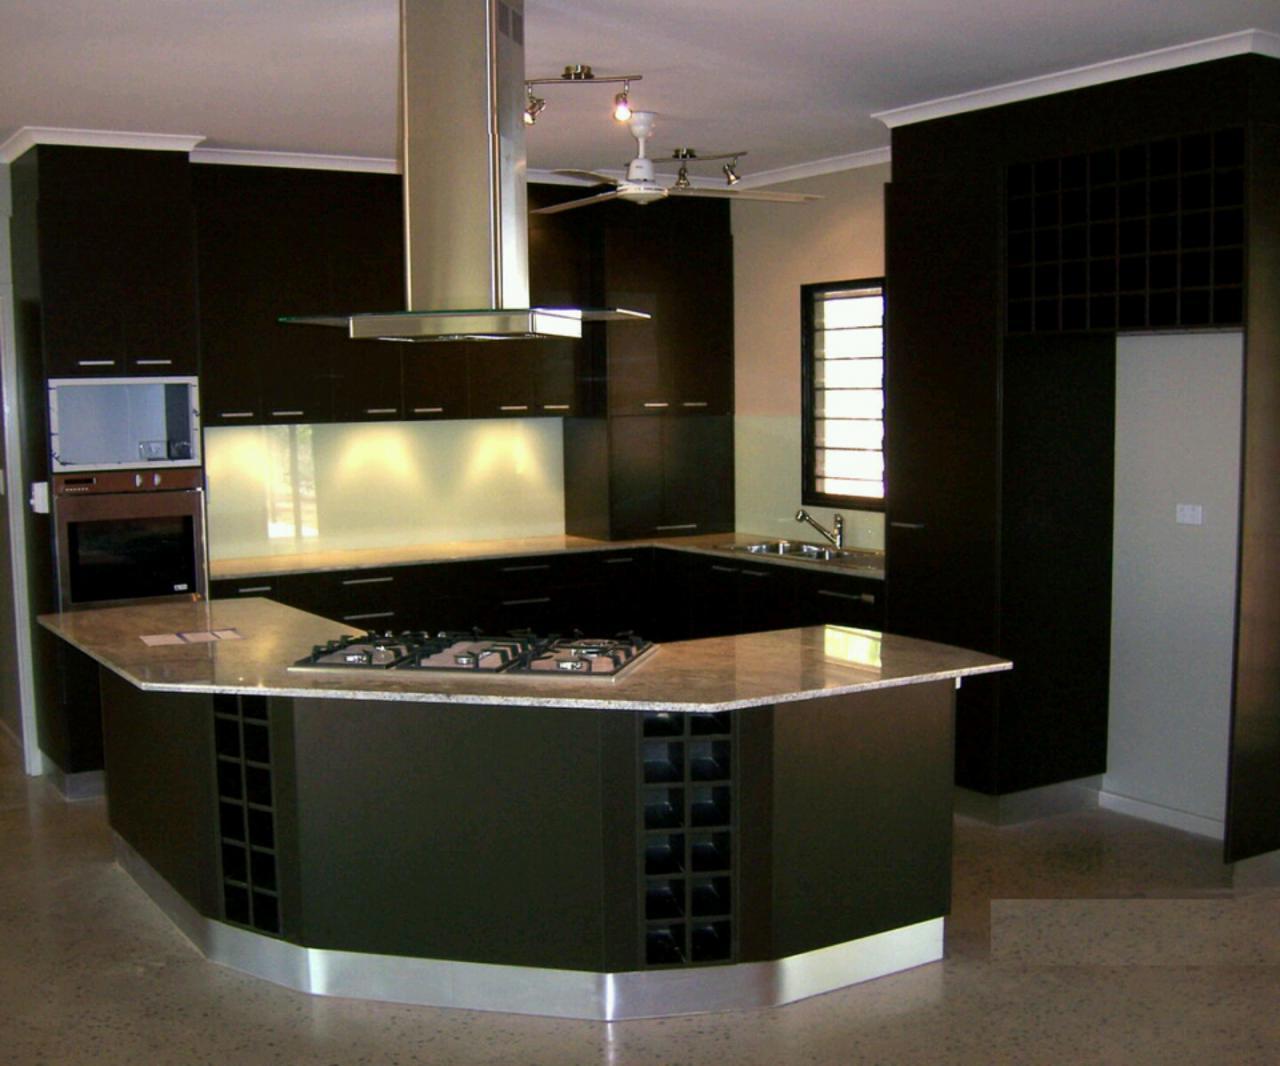 New home designs latest.: Modern kitchen cabinets designs best ideas.